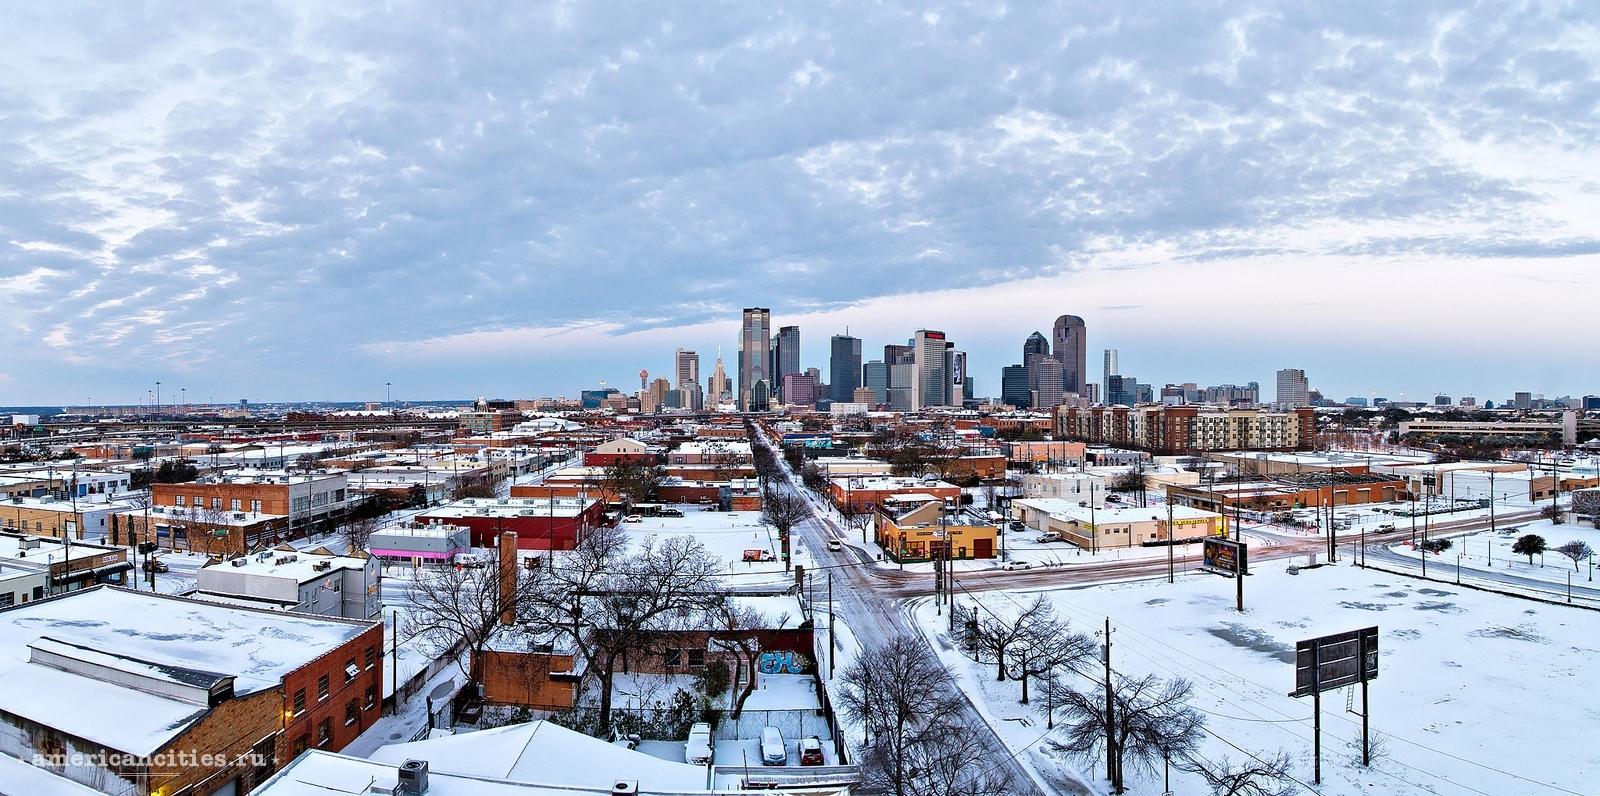 Картинки южные города зимой